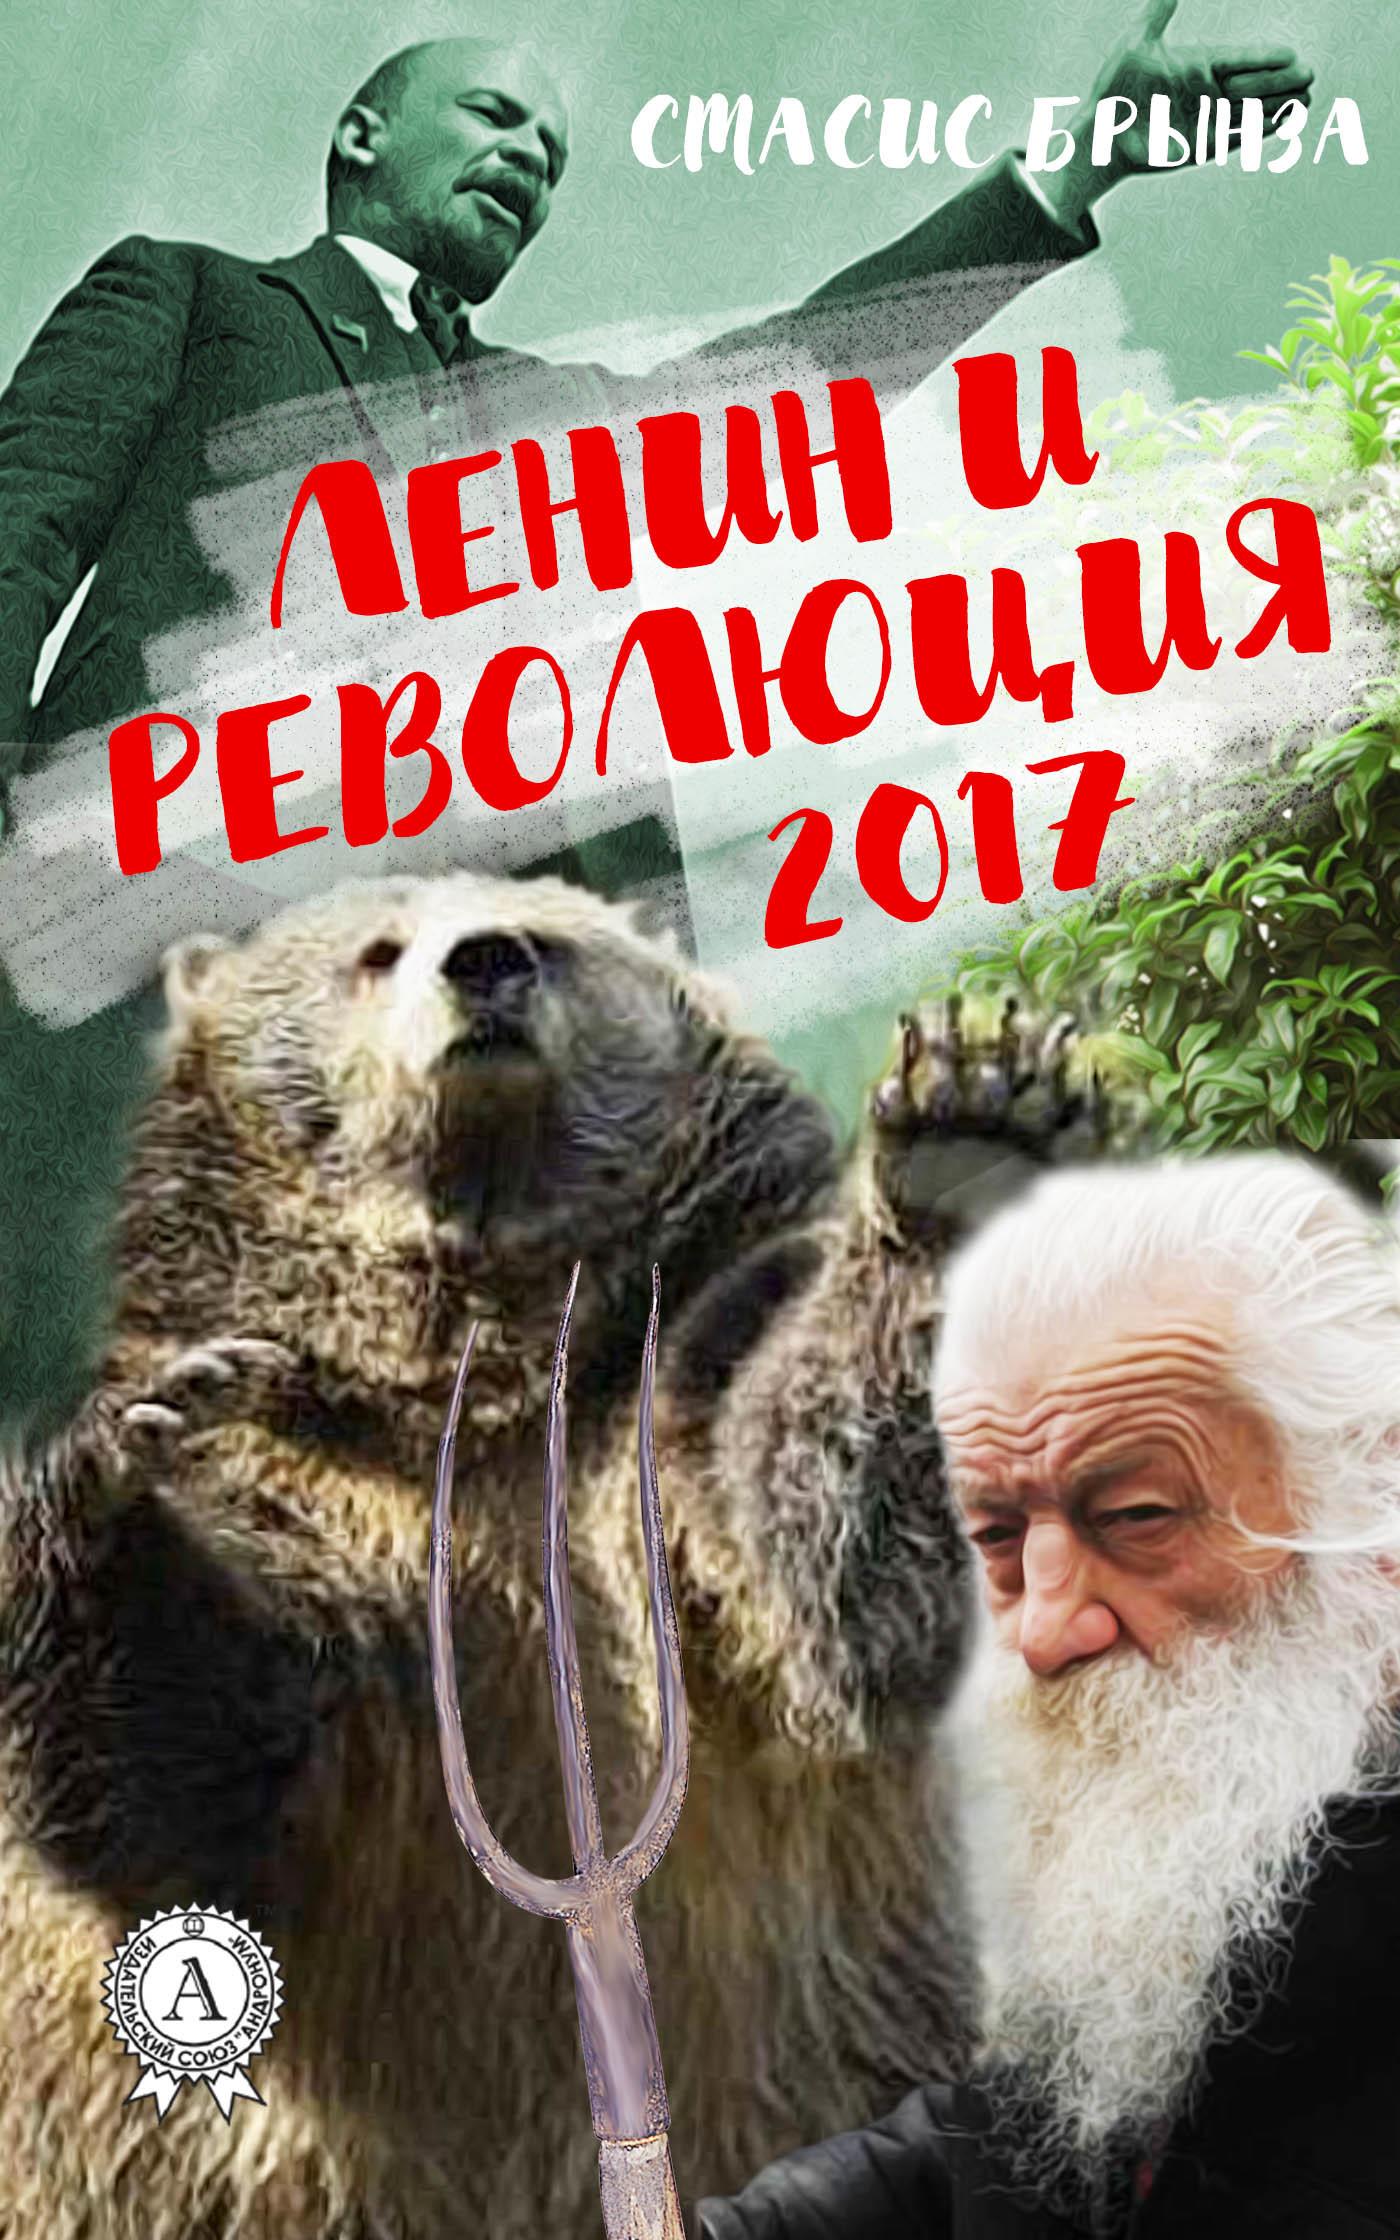 Ленин и революция 2017